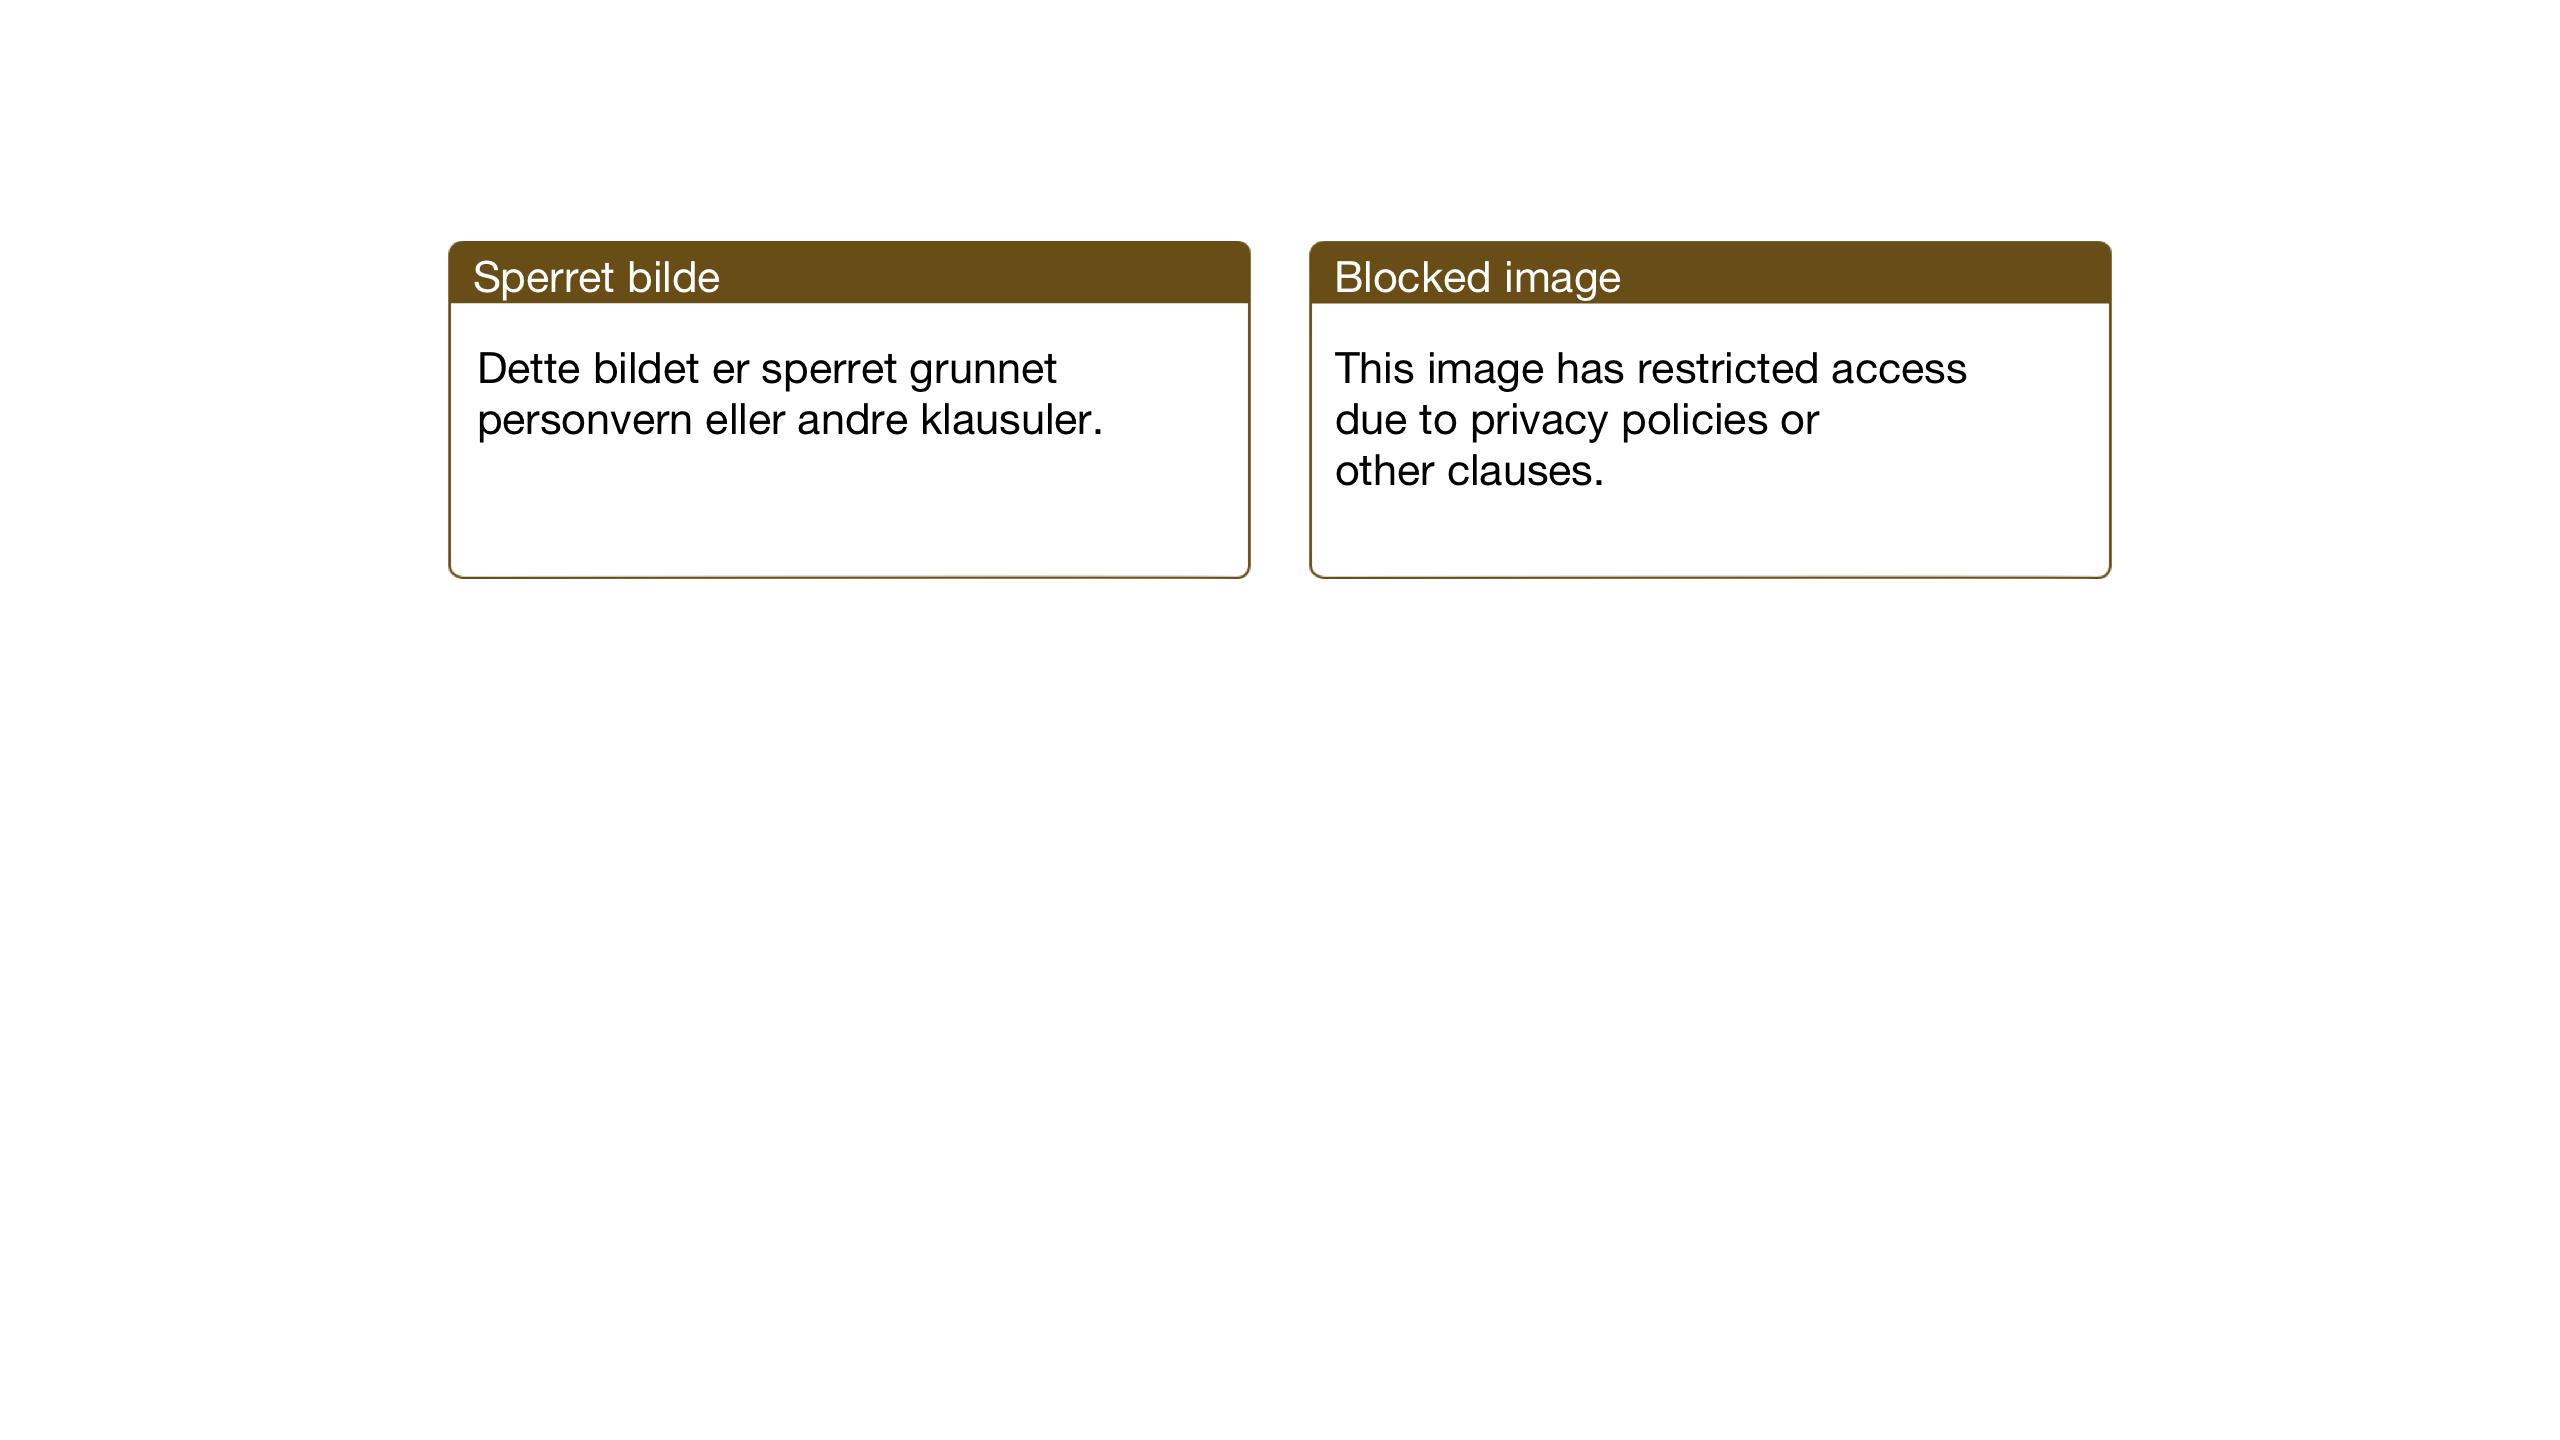 SAT, Ministerialprotokoller, klokkerbøker og fødselsregistre - Sør-Trøndelag, 692/L1114: Klokkerbok nr. 692C09, 1928-1935, s. 24